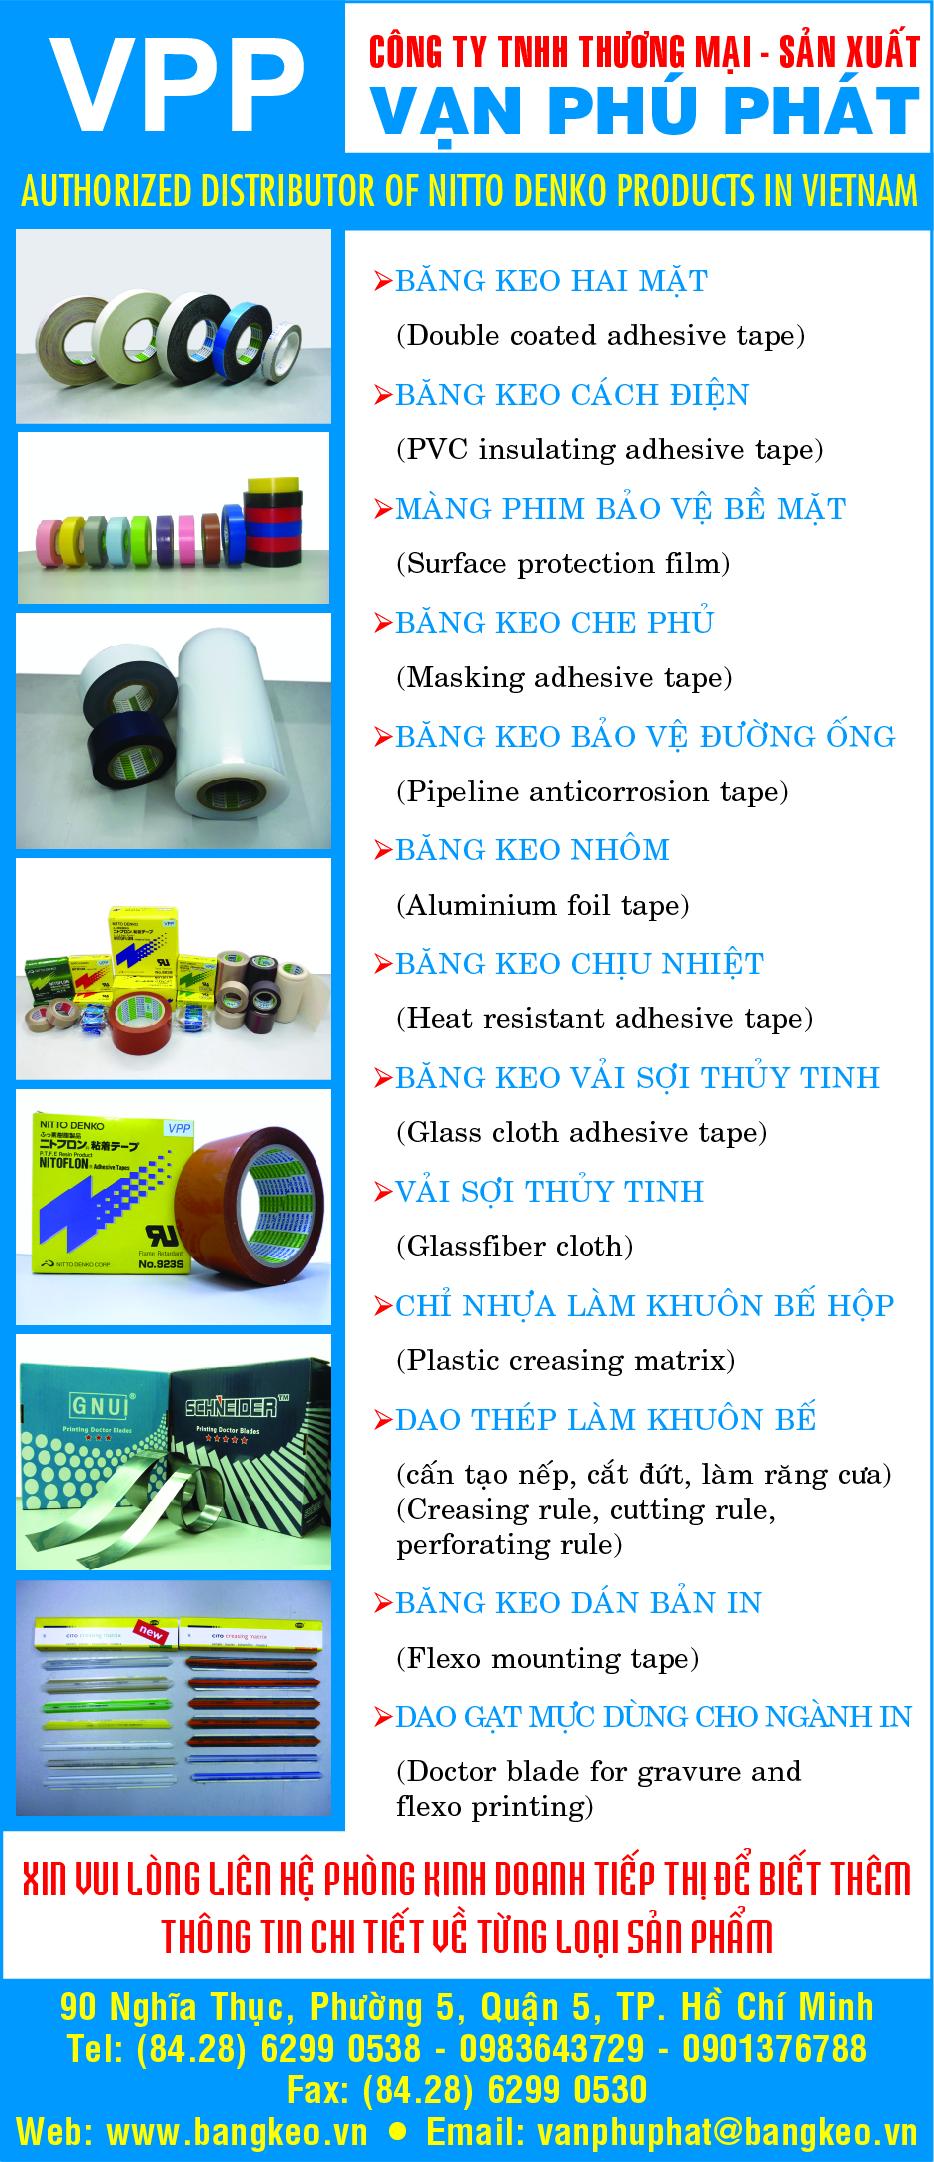 Băng dán, băng công nghiệp, băng bảo vệ - Vạn Phú Phát - Băng keo nhôm - Băng keo chịu nhiệt - Băng keo vải sợi thủy tinh - băng keo che phủ